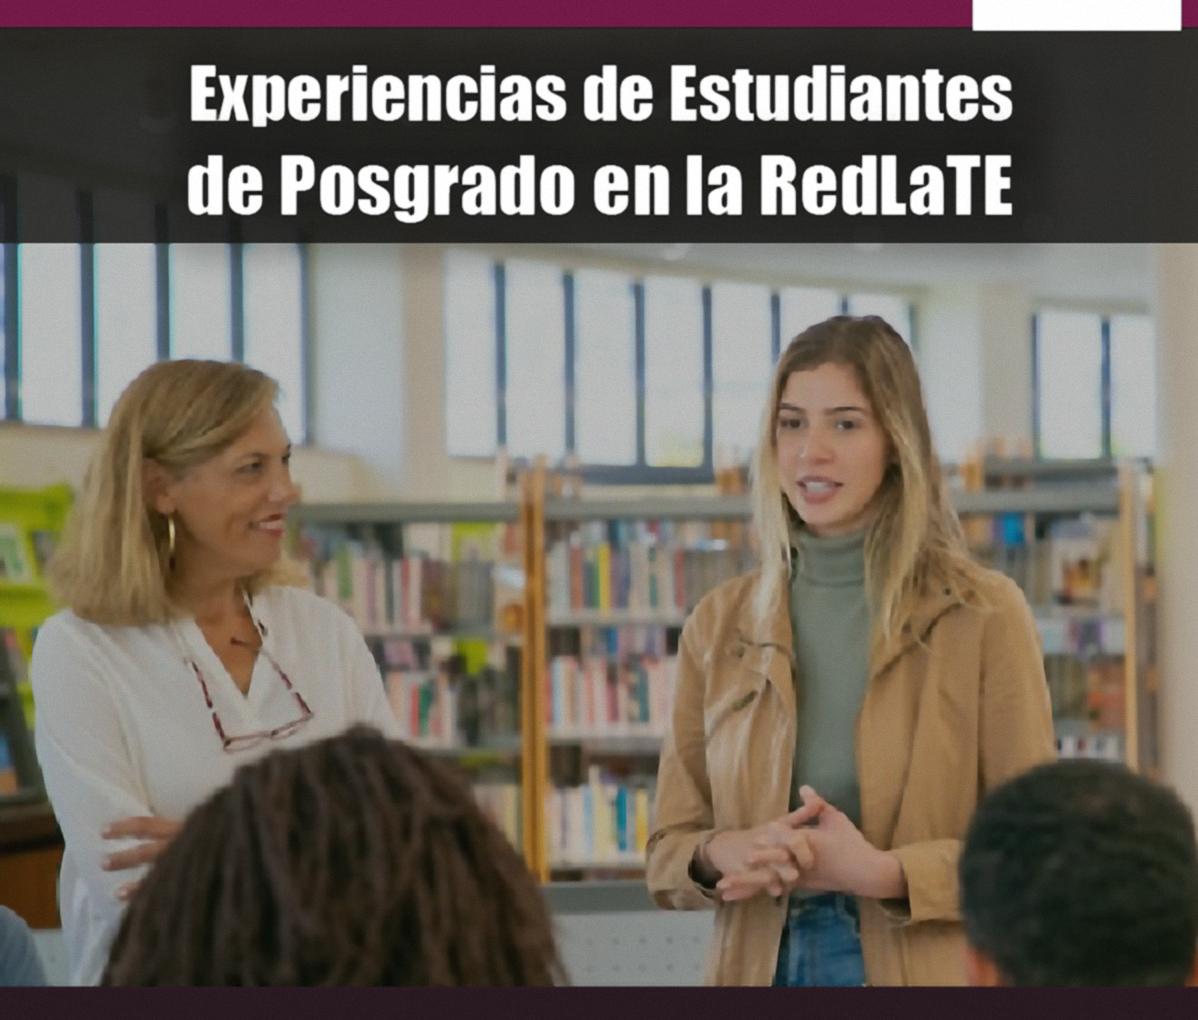 Experiencias de estudiantes de posgrado en la RedLaTE